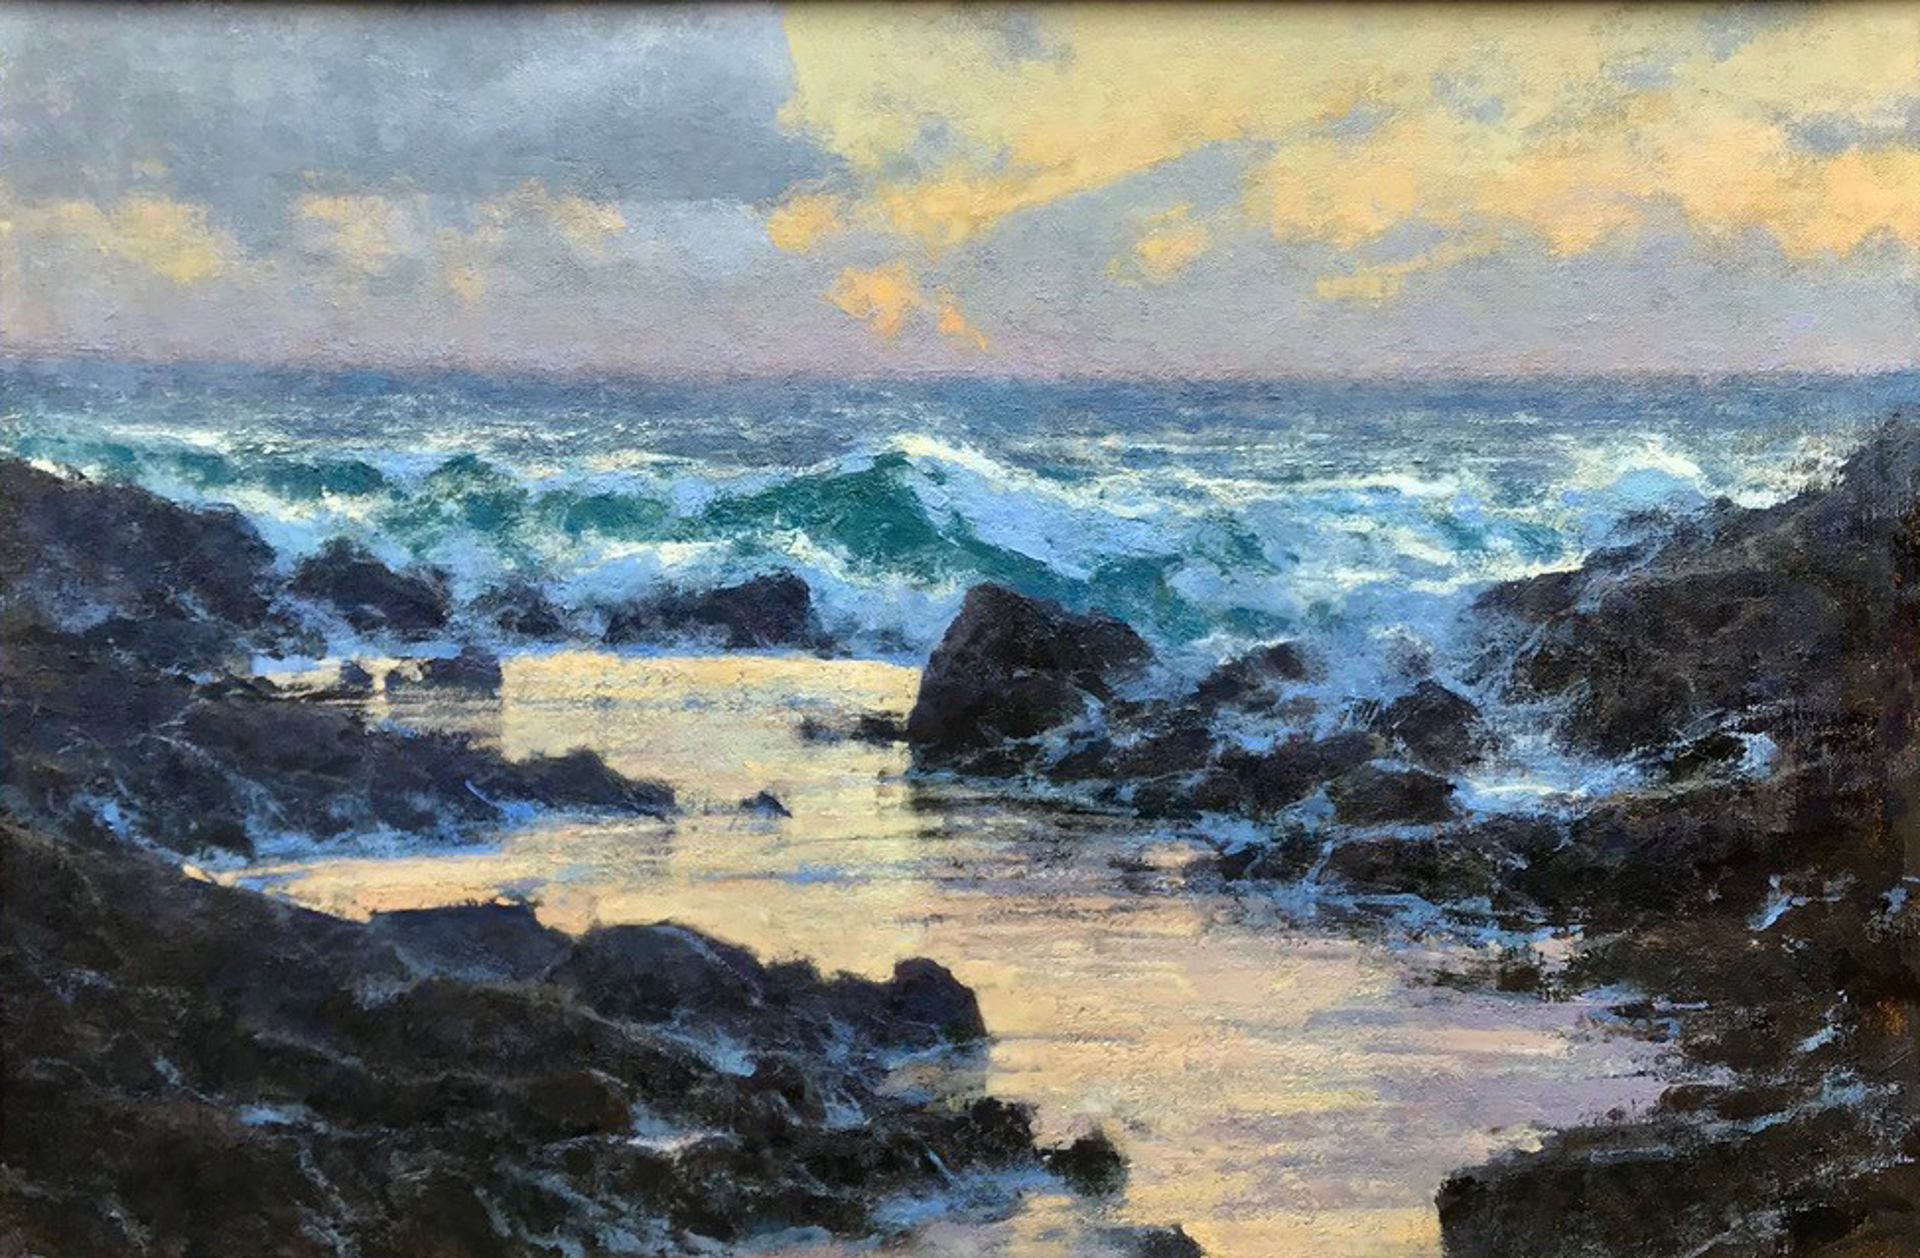 Sea Patterns by Michael J Lynch